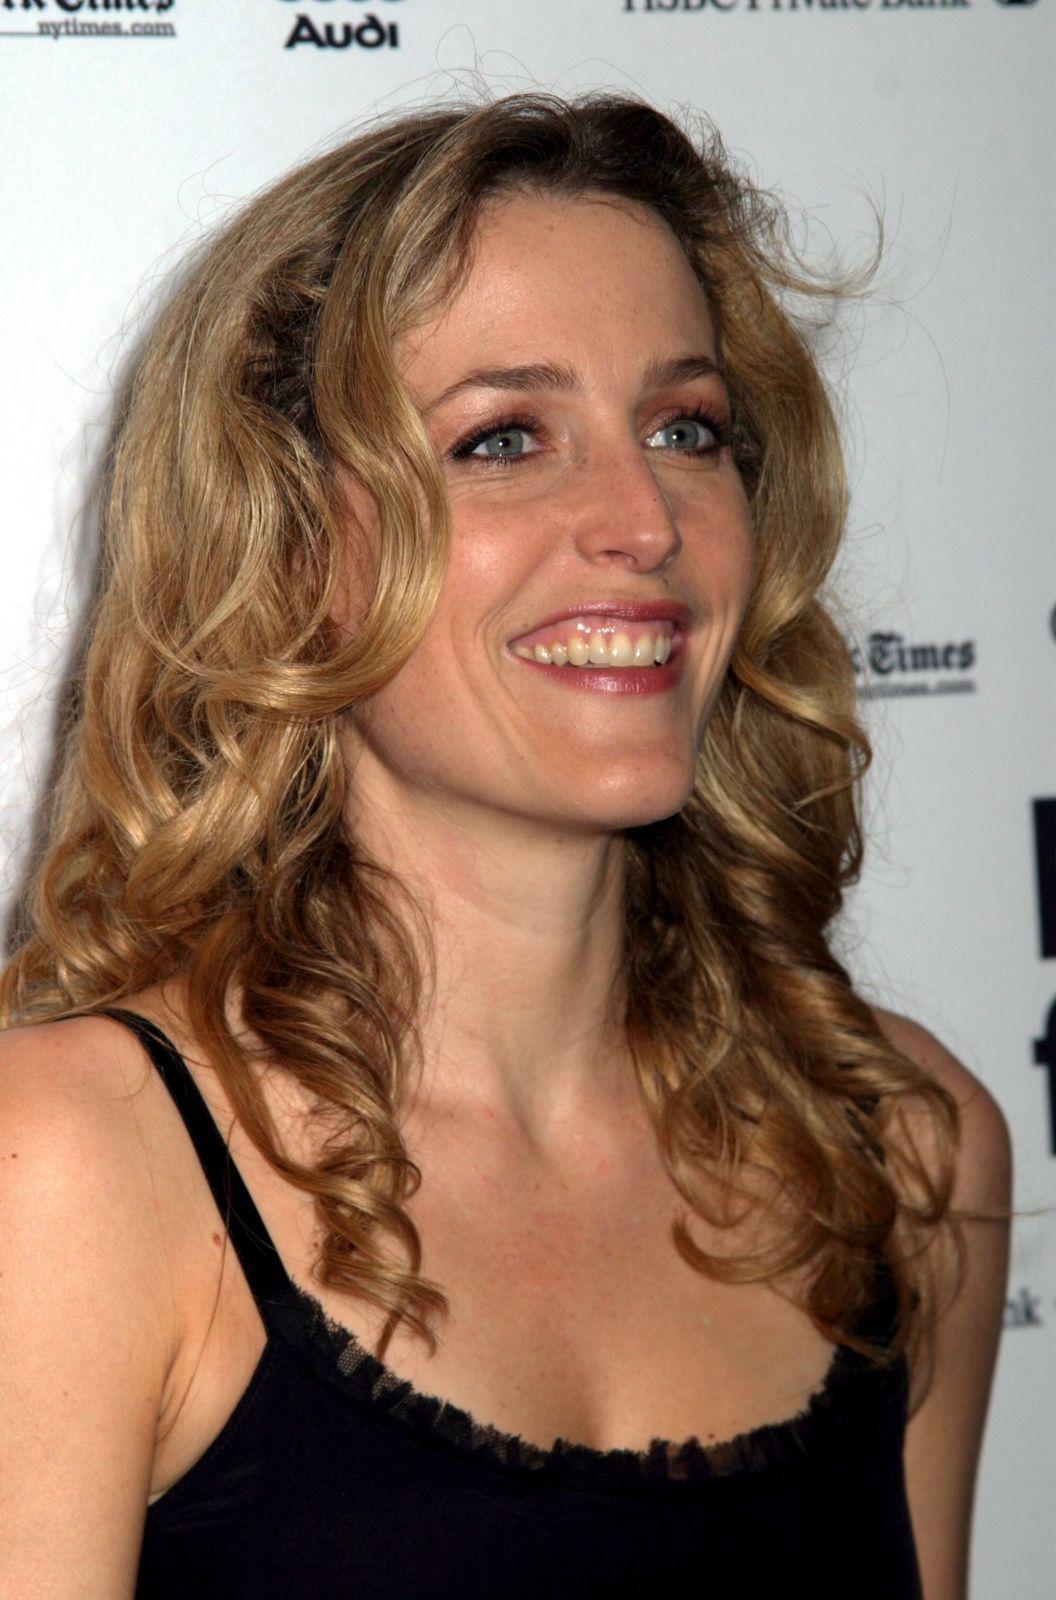 http://2.bp.blogspot.com/_6Ty_WF53R7E/TOmPcJG02ZI/AAAAAAAAC1Q/qWyuhY5lDS0/s1600/actress-gillian-anderson-762692.jpg